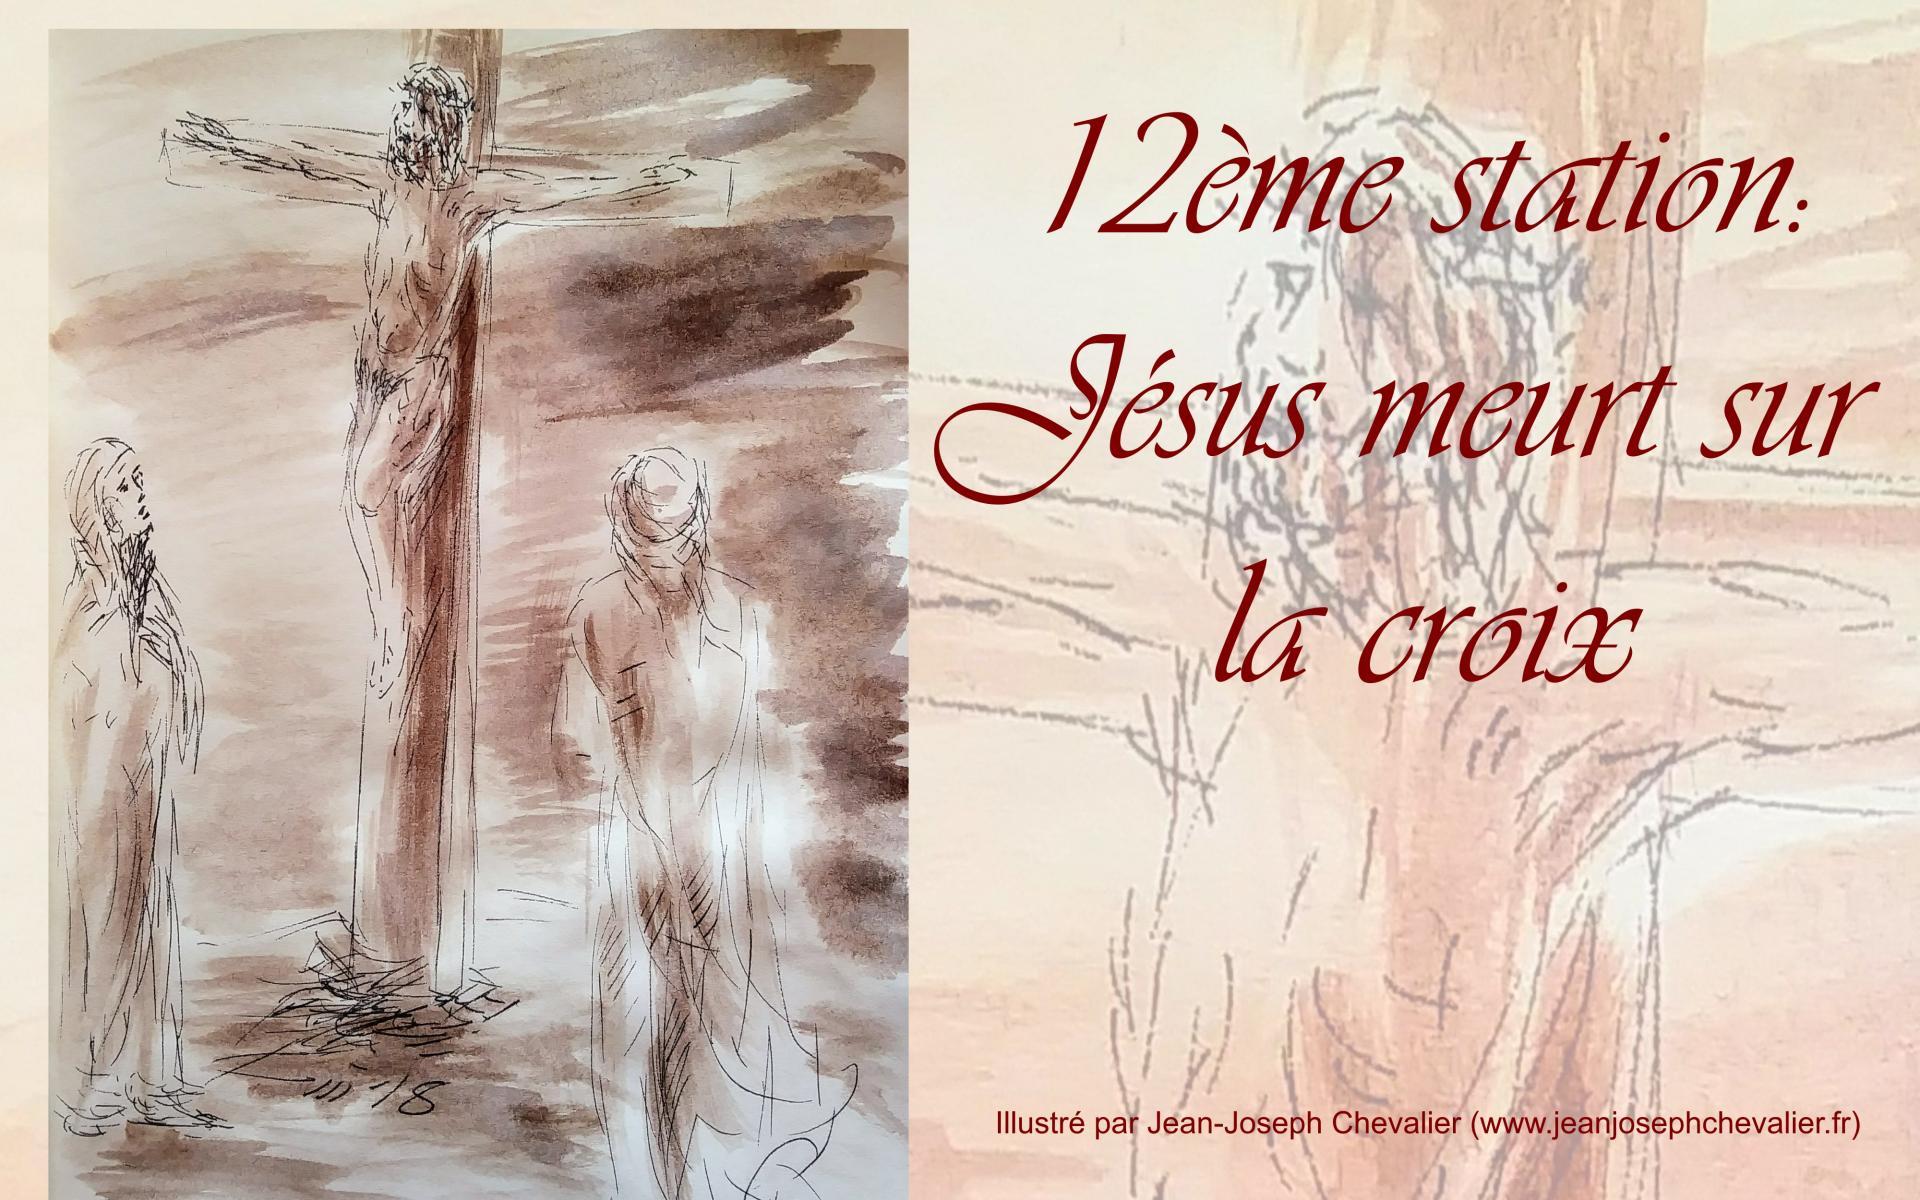 Chemin de croix, 12ème station